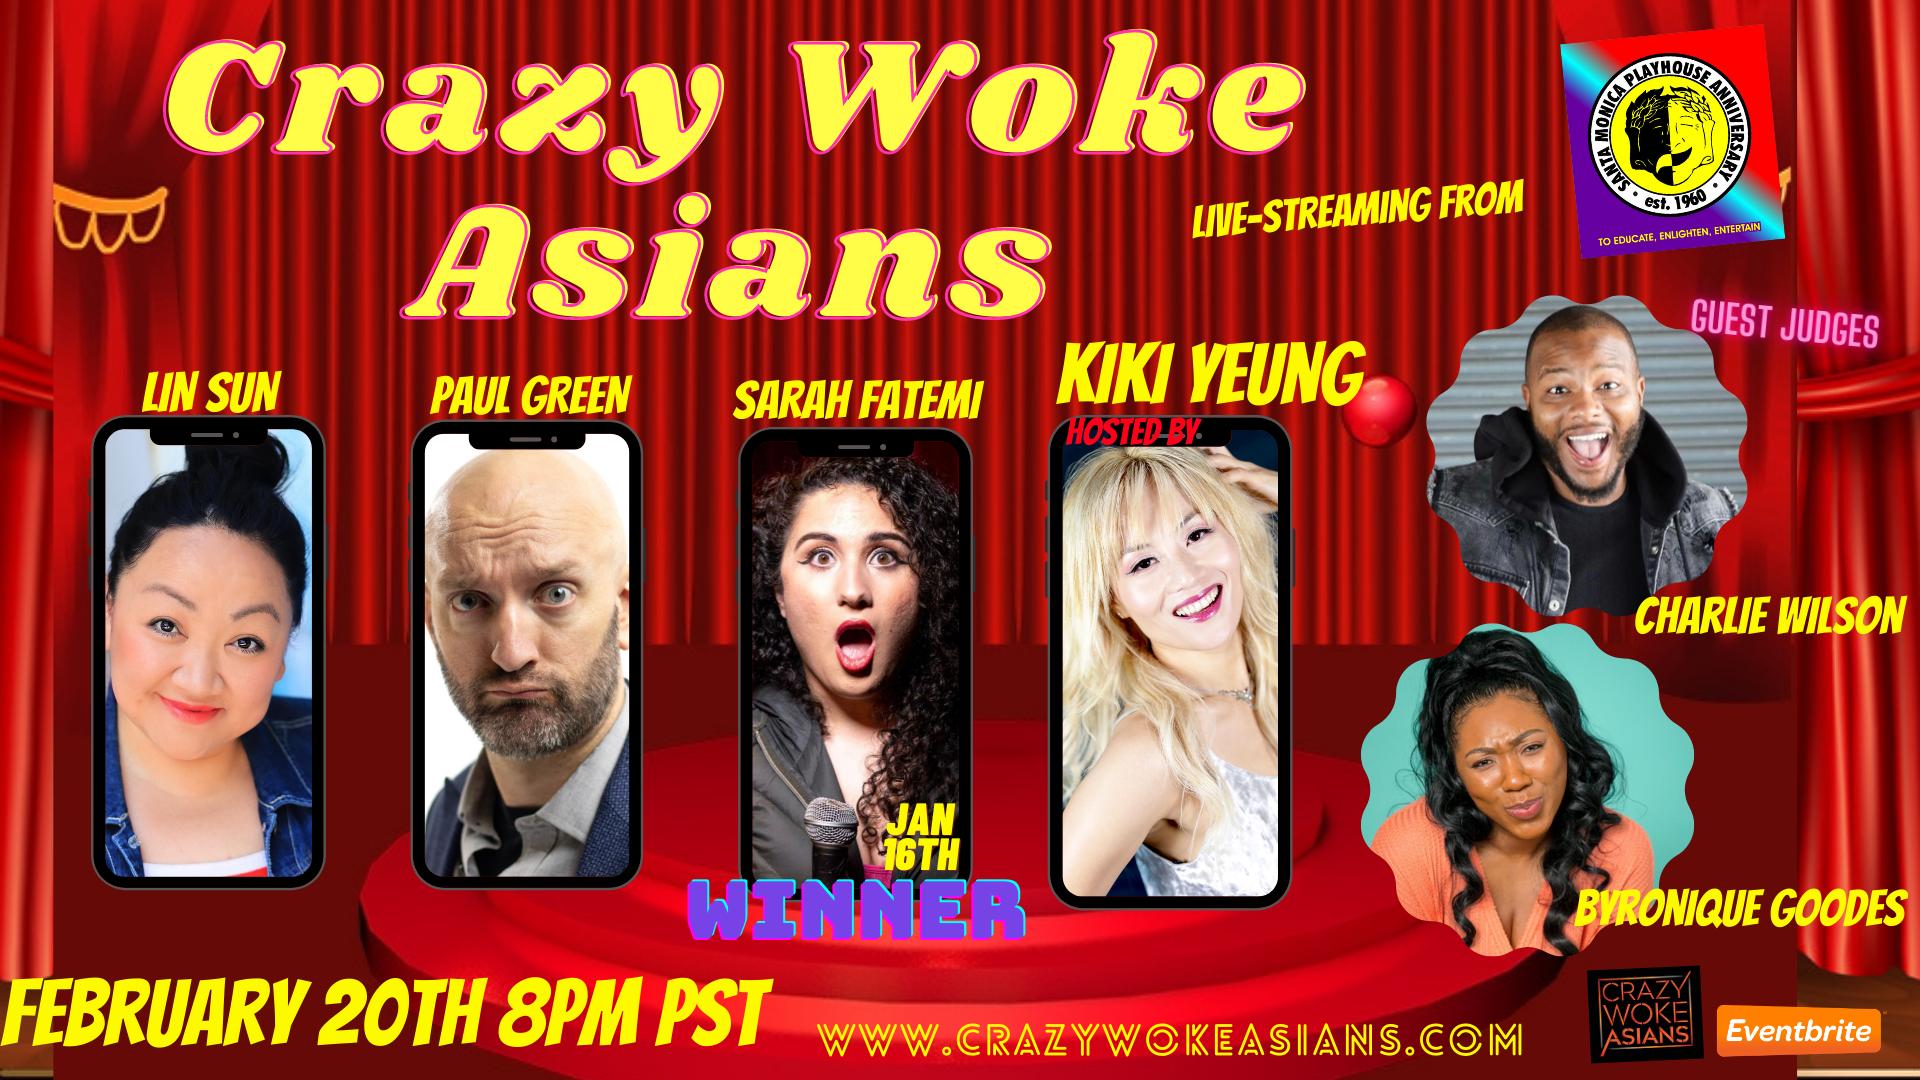 Crazy Woke Asians Comedy Competition Livestream